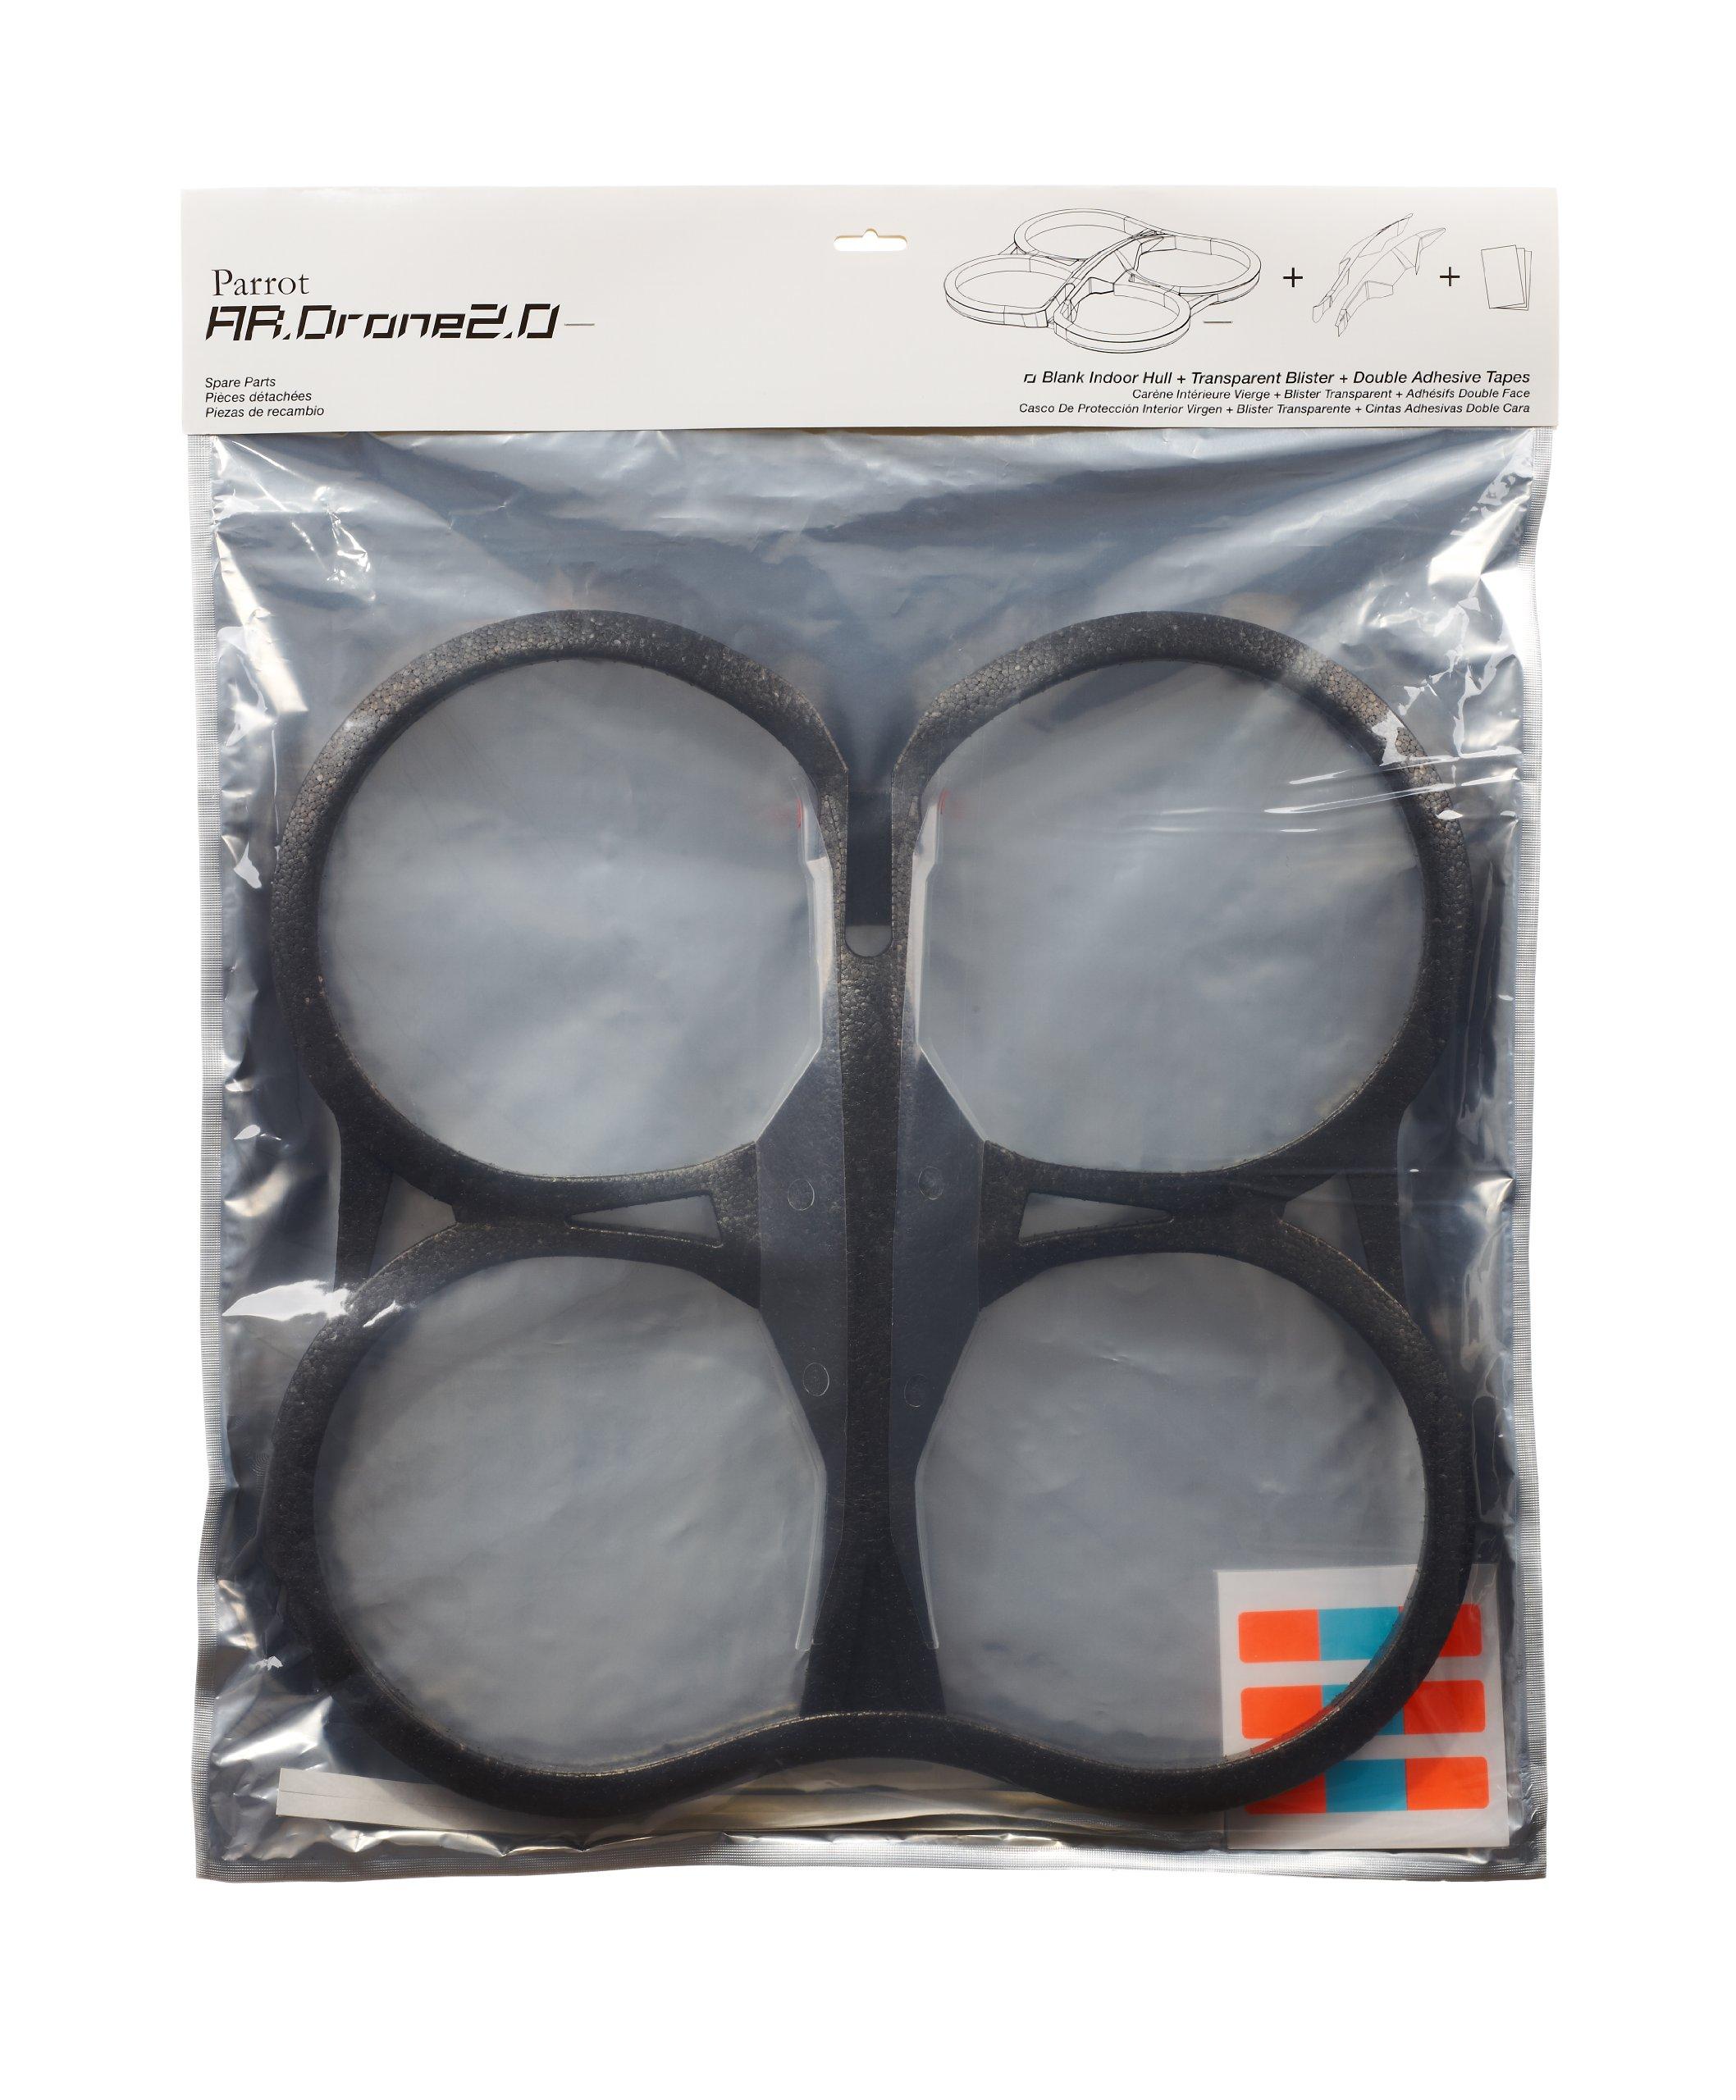 Parrot - AR. Drone 2.0 Pack Carcasa Interior para Personalizar (PF070049): Amazon.es: Electrónica